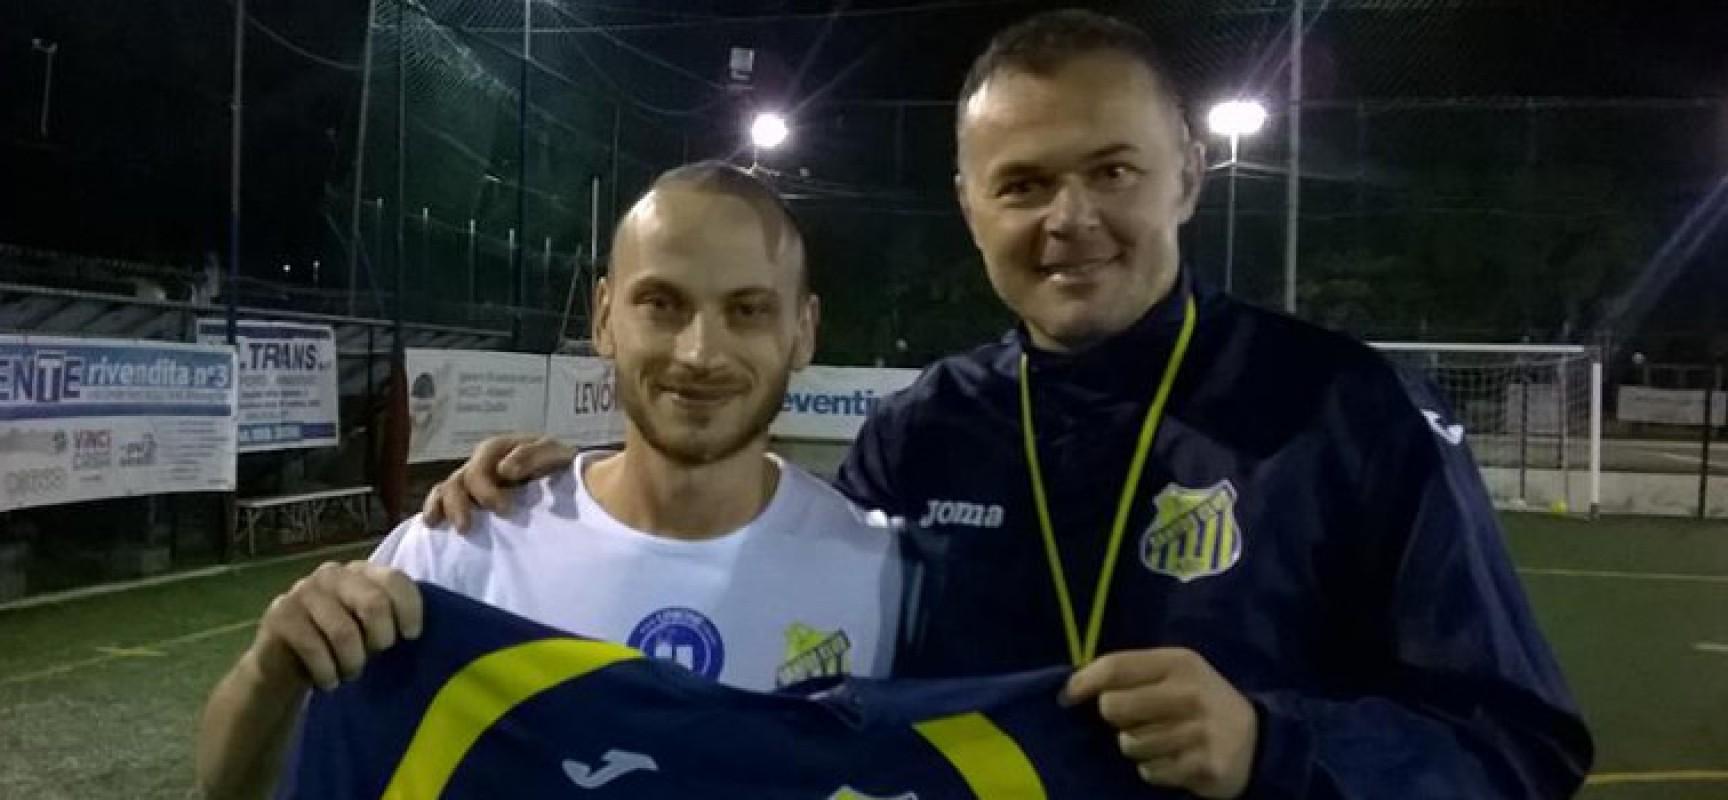 Mercato Santos Club, ufficializzato l'arrivo di Antonio Papagni